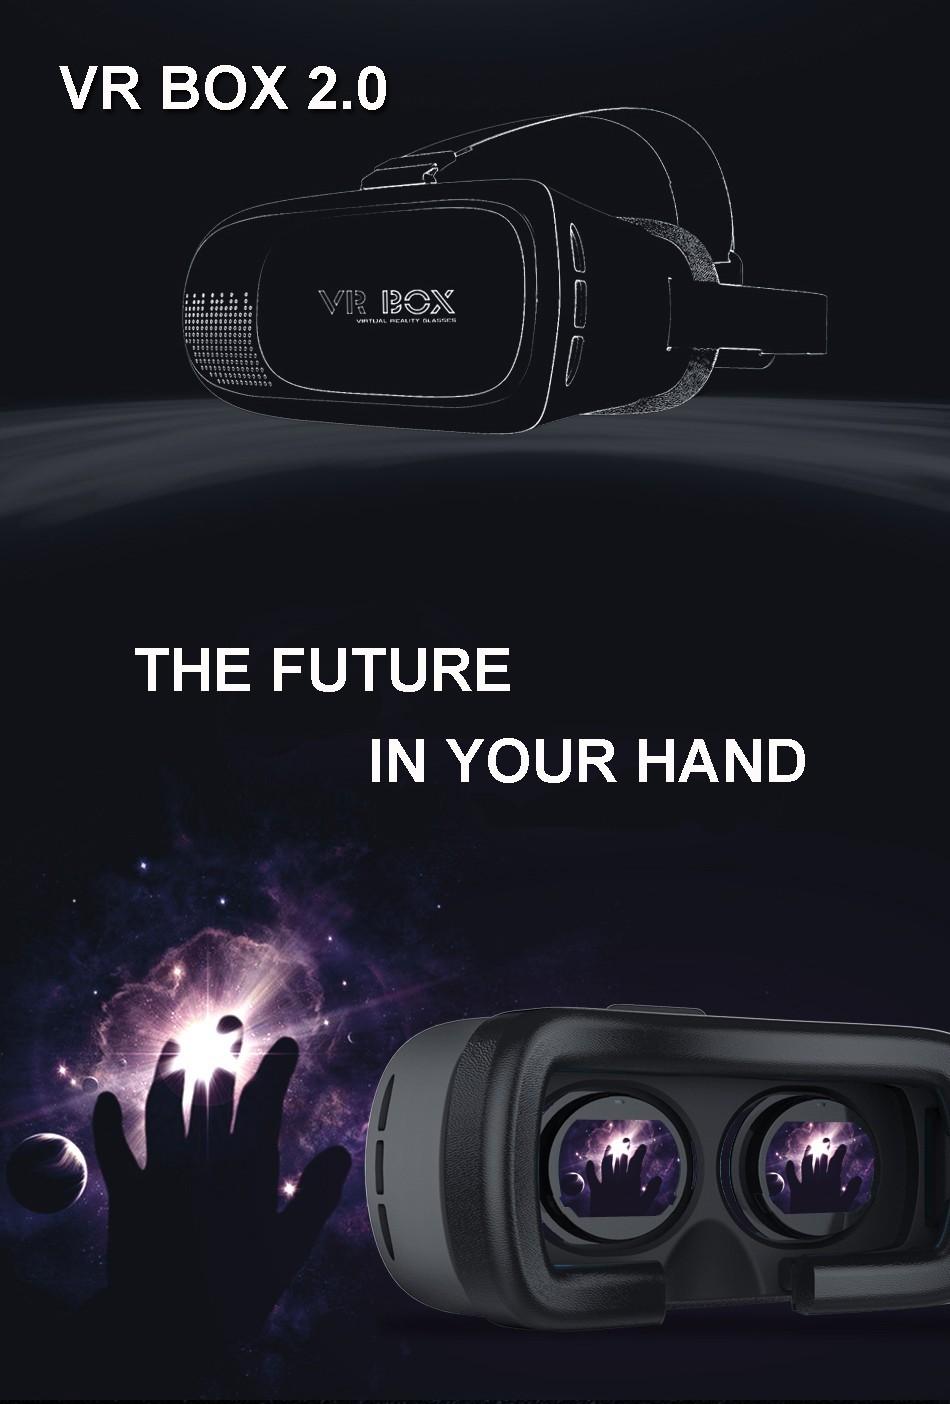 """ถูก ร้อนG Oogleกระดาษแข็งH Eadmount VRกล่อง2.0รุ่นVRเสมือนแว่นตา3Dสำหรับ3.5"""" -6.0"""" มาร์ทโฟน+บลูทูธควบคุมระยะไกล"""